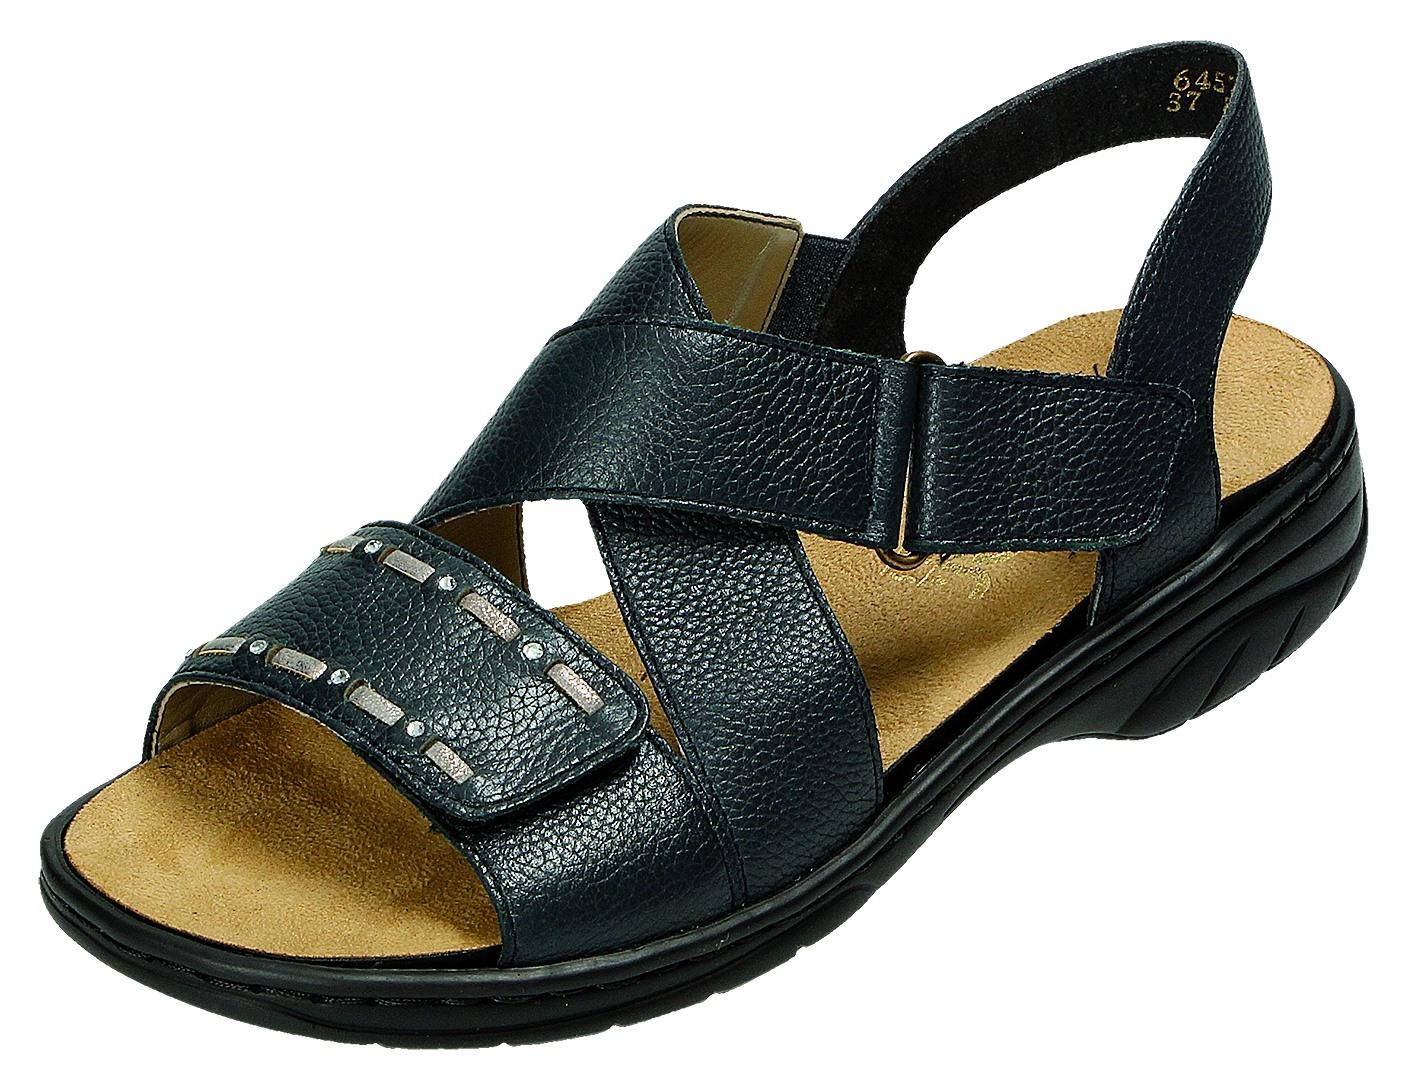 Rieker Damen Sandale-Pantolette D.Sandaleette Blau 64572 15 ROYAL/